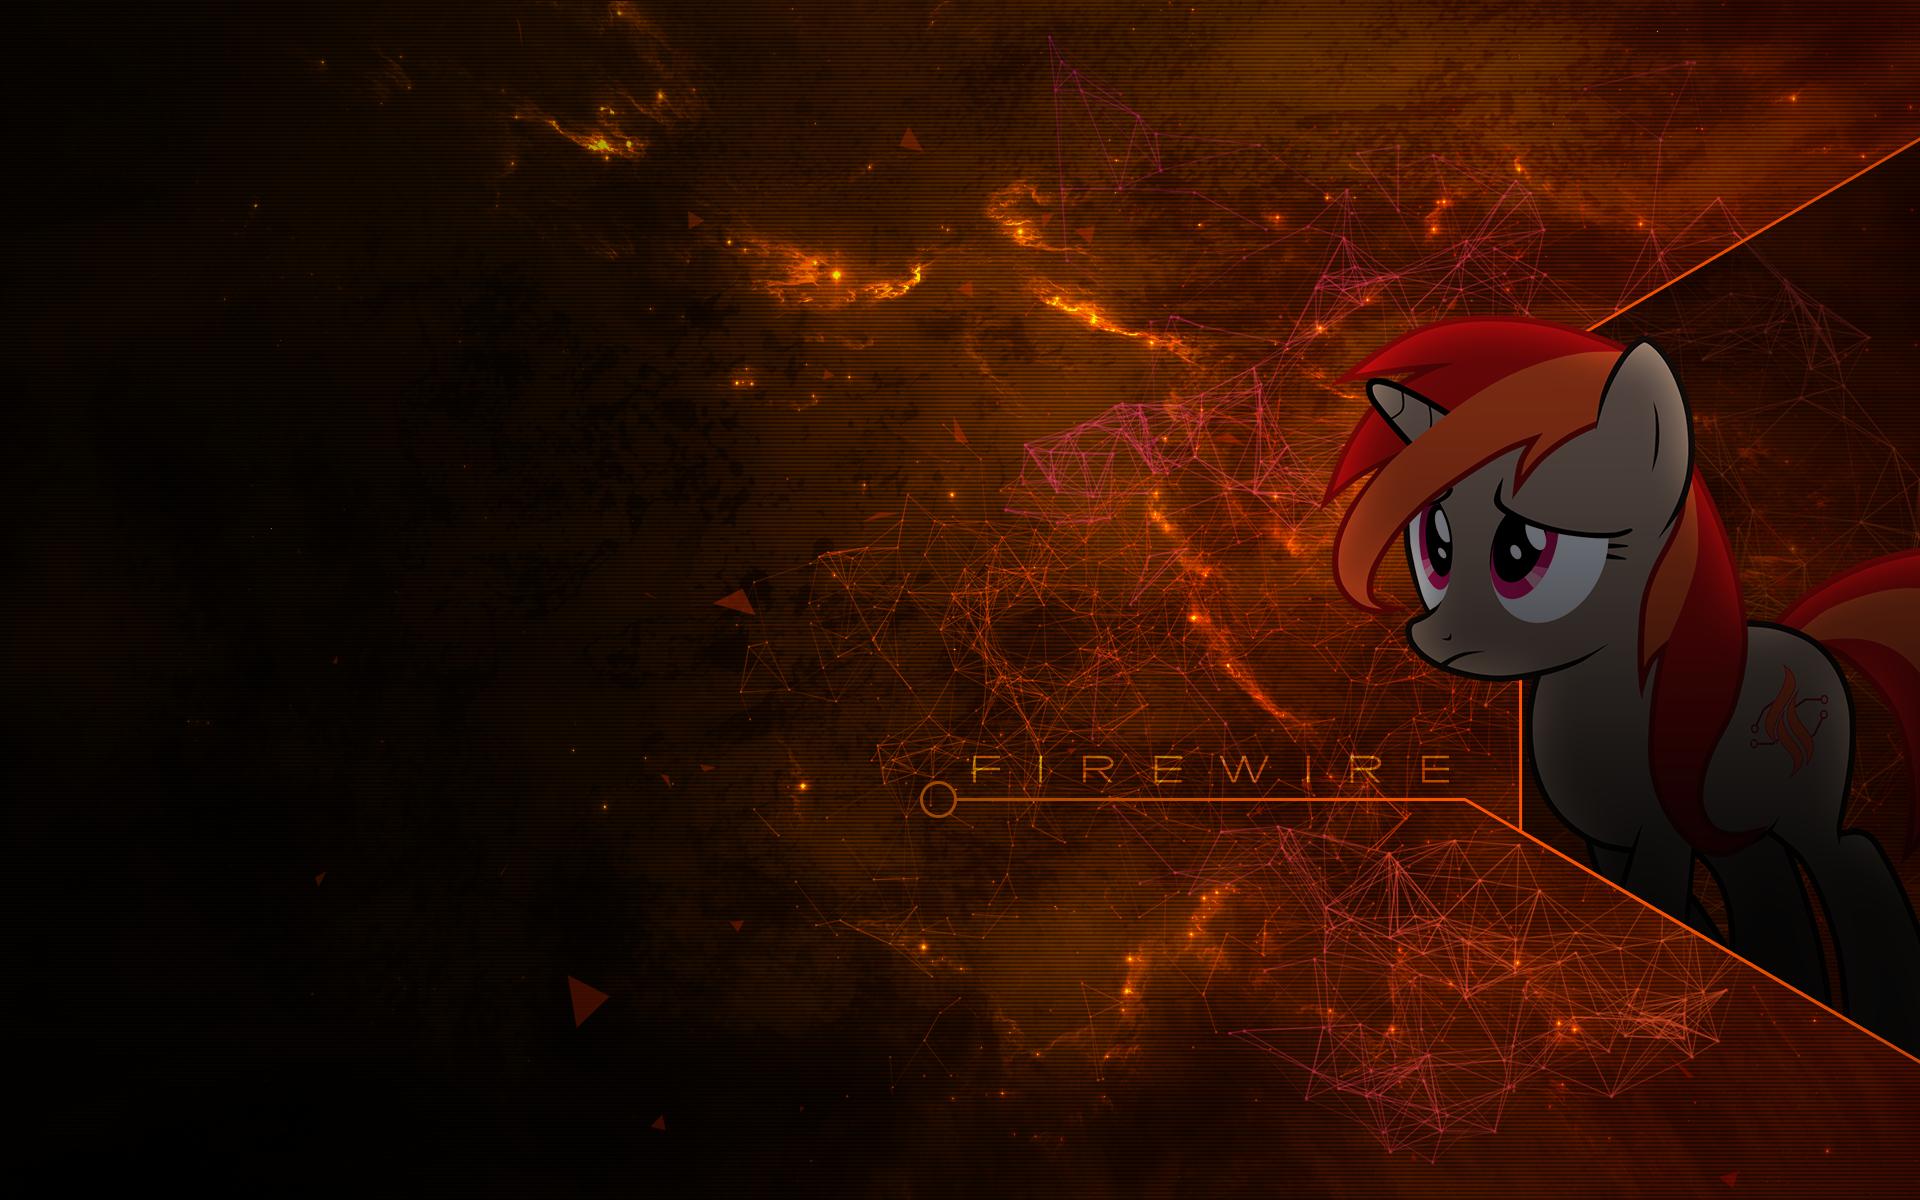 Firewire by Sazlo, Vexx3 and WMill